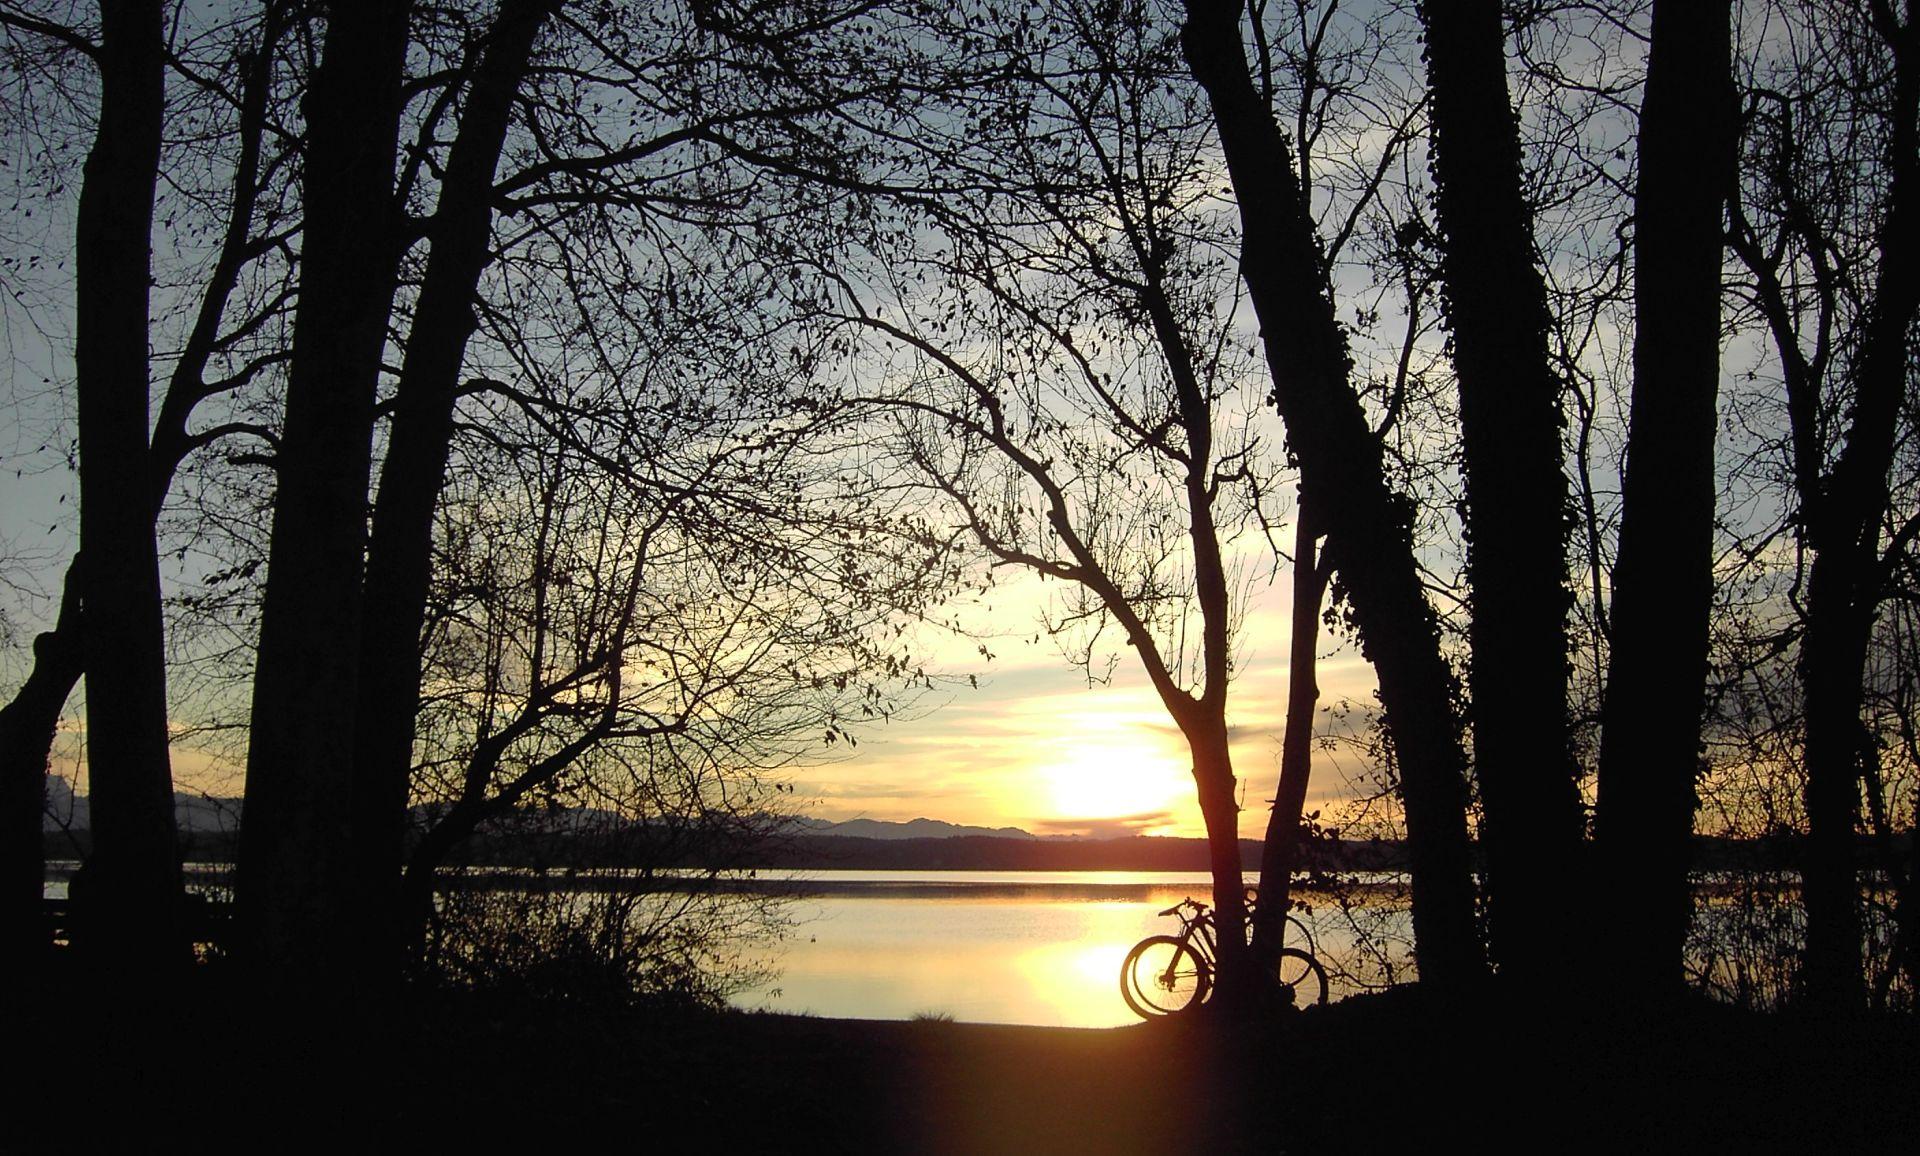 Sonnenuntergang am Starnbergerger See